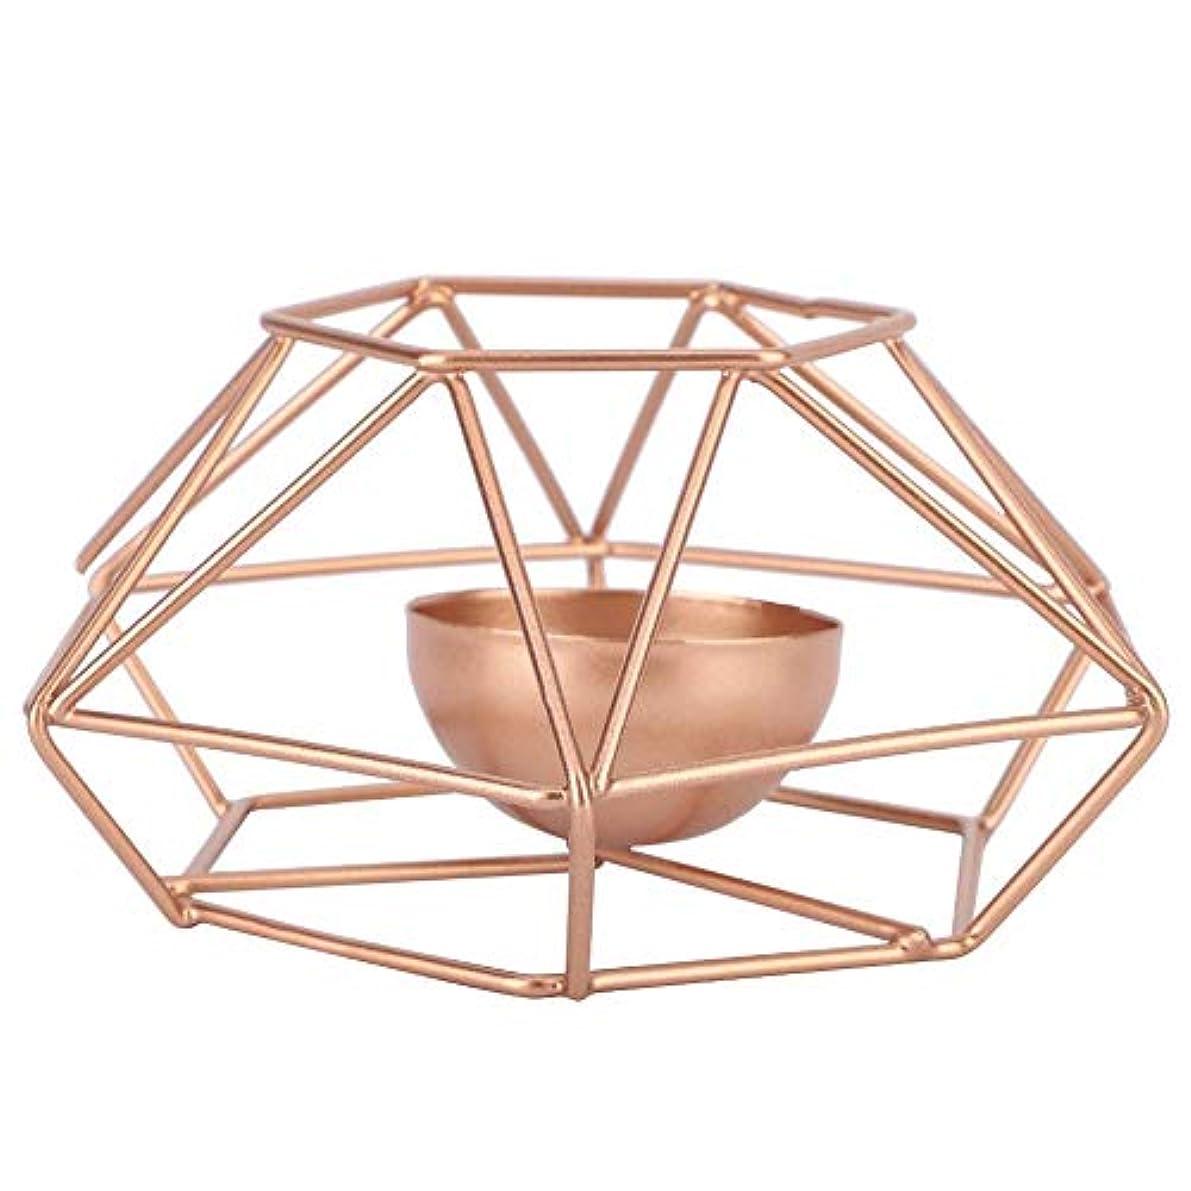 鉄の燭台、現代スタイルの幾何学的な燭台スタンド鉄の蝋燭ホールダー金家の装飾飾り